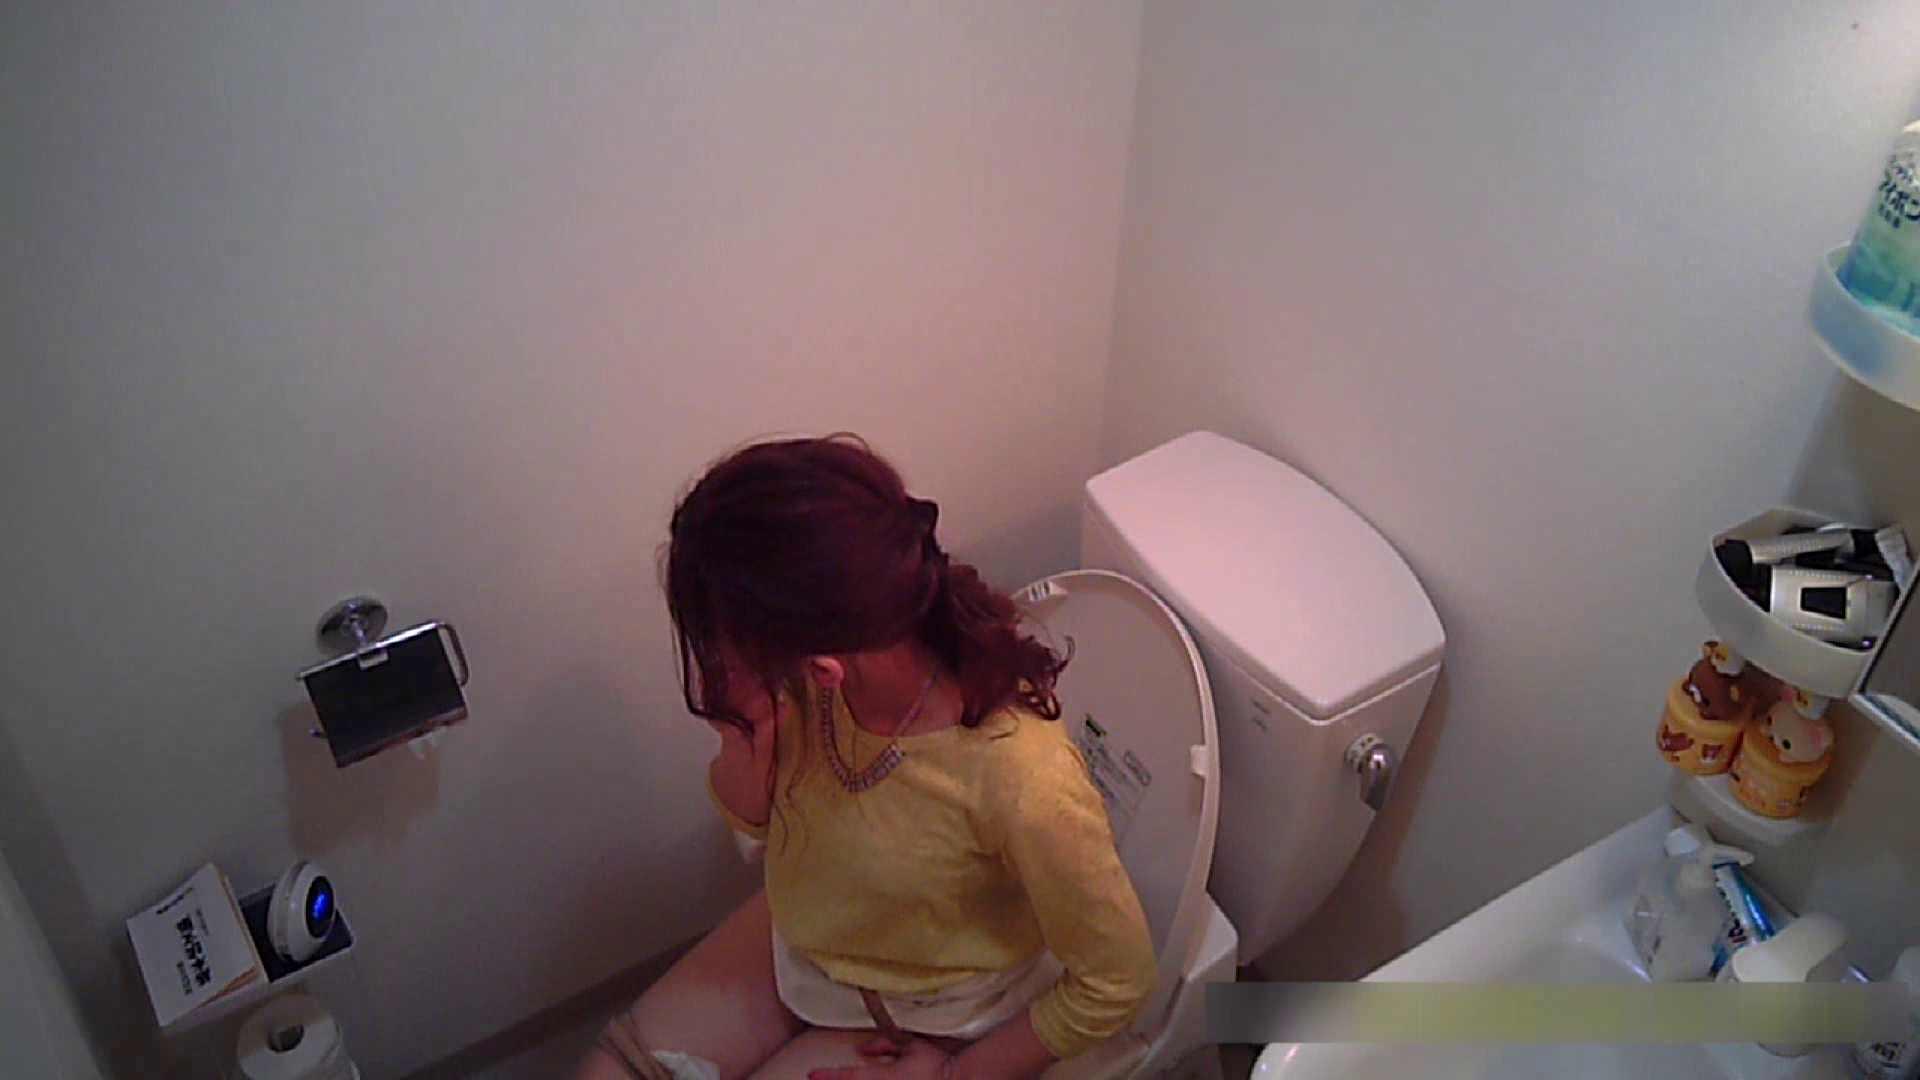 乳首大き目の24歳Y子 トイレ編 乳首コレクション   トイレ中  27連発 14